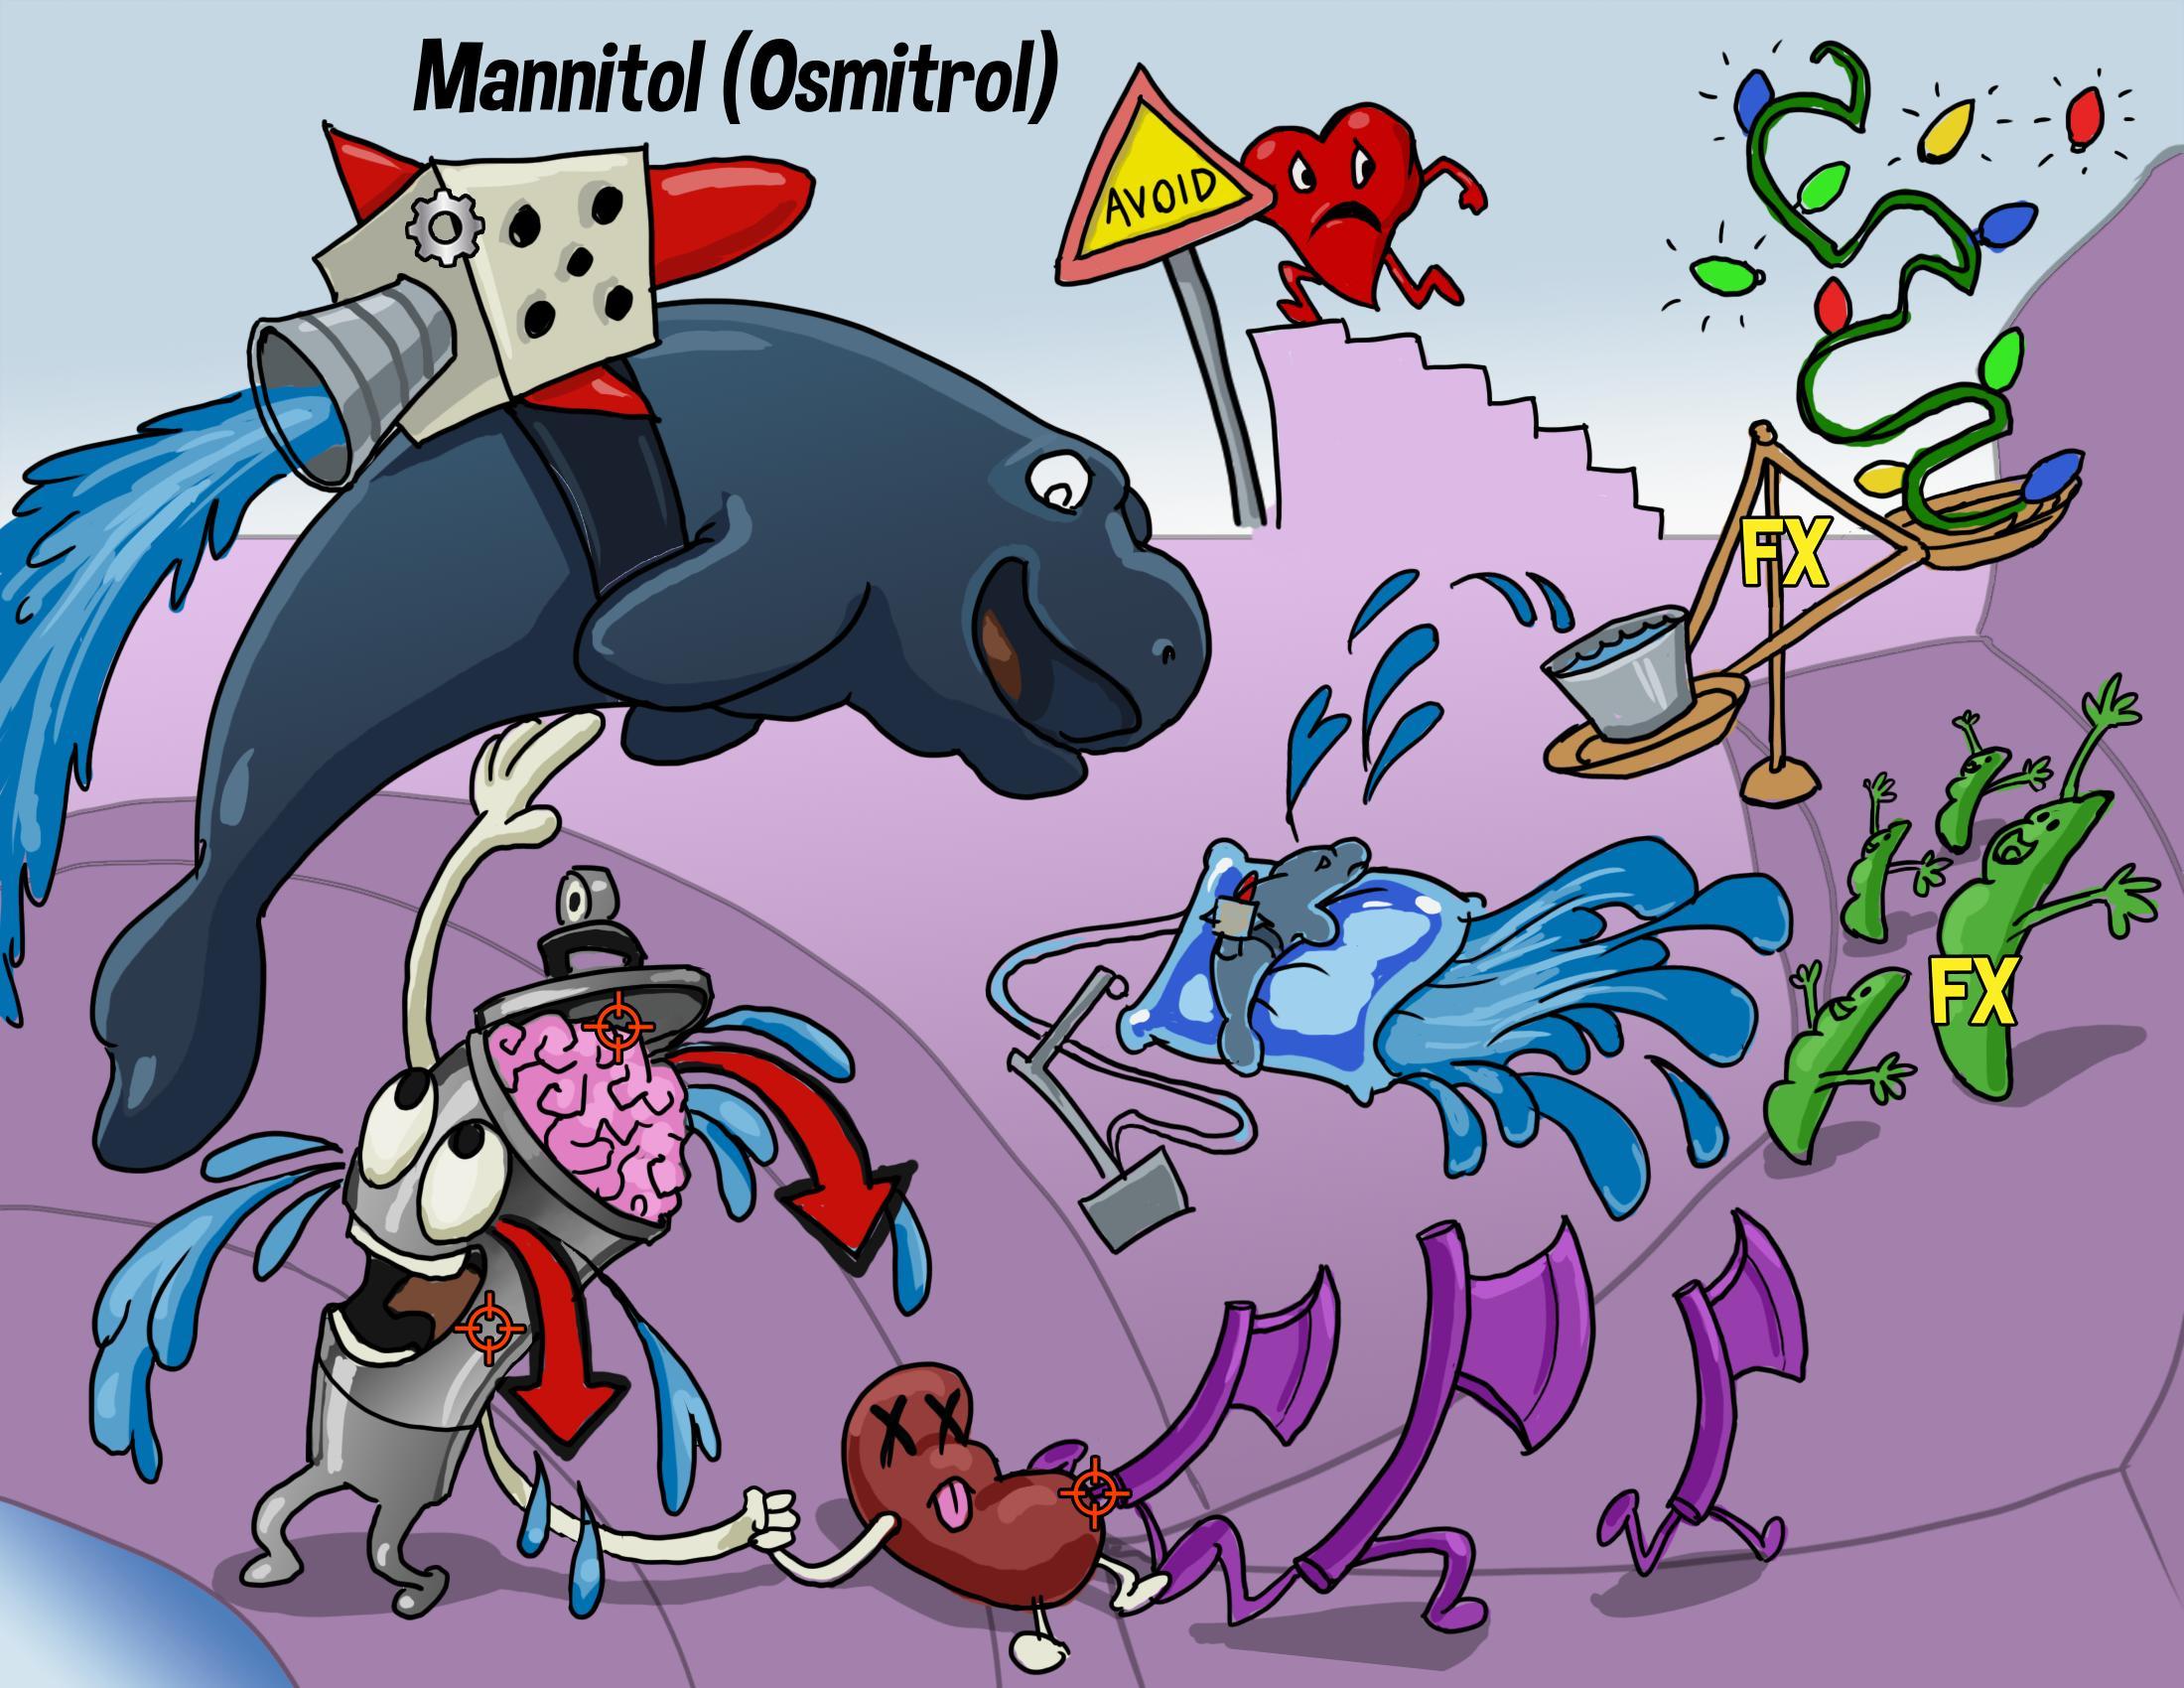 Mannitol (Osmitrol)